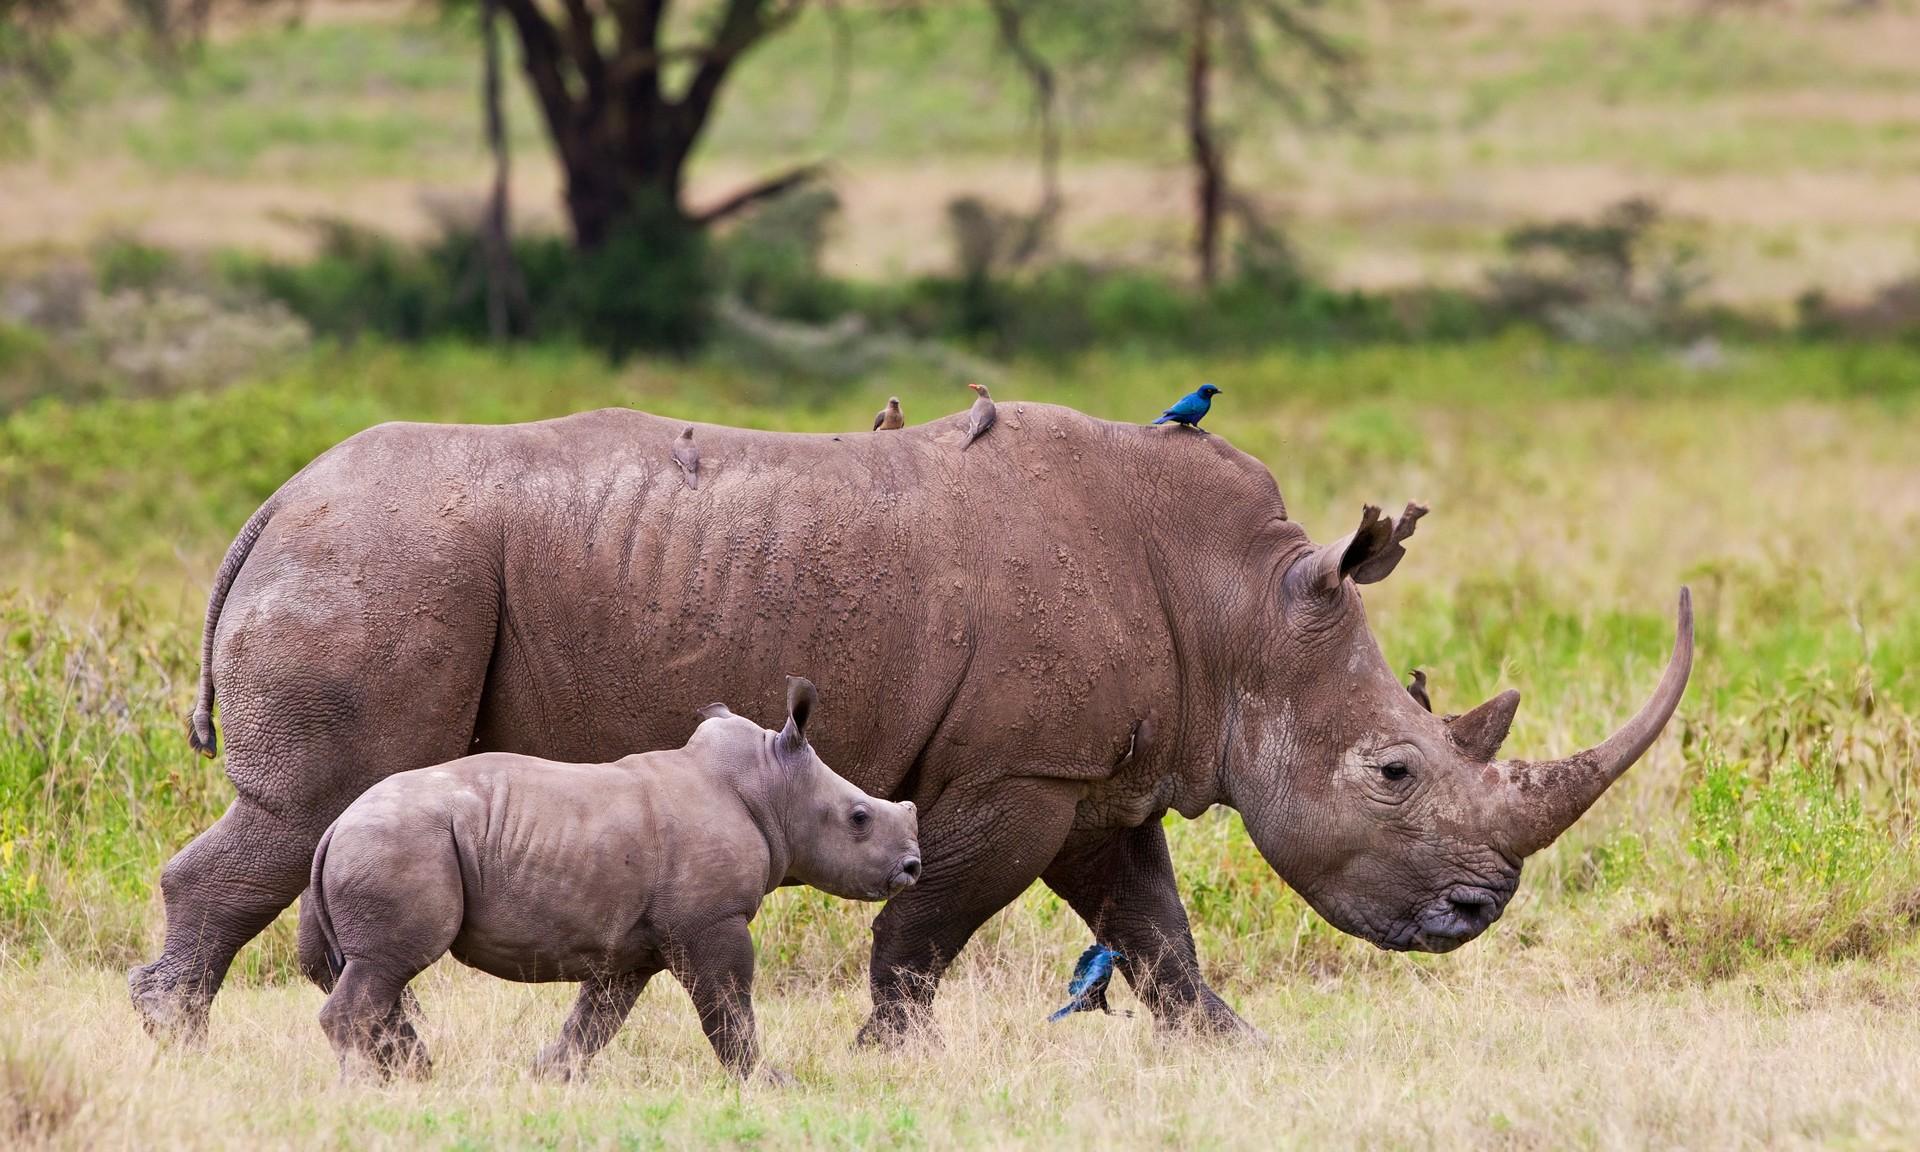 Rhino and calf in Kenya